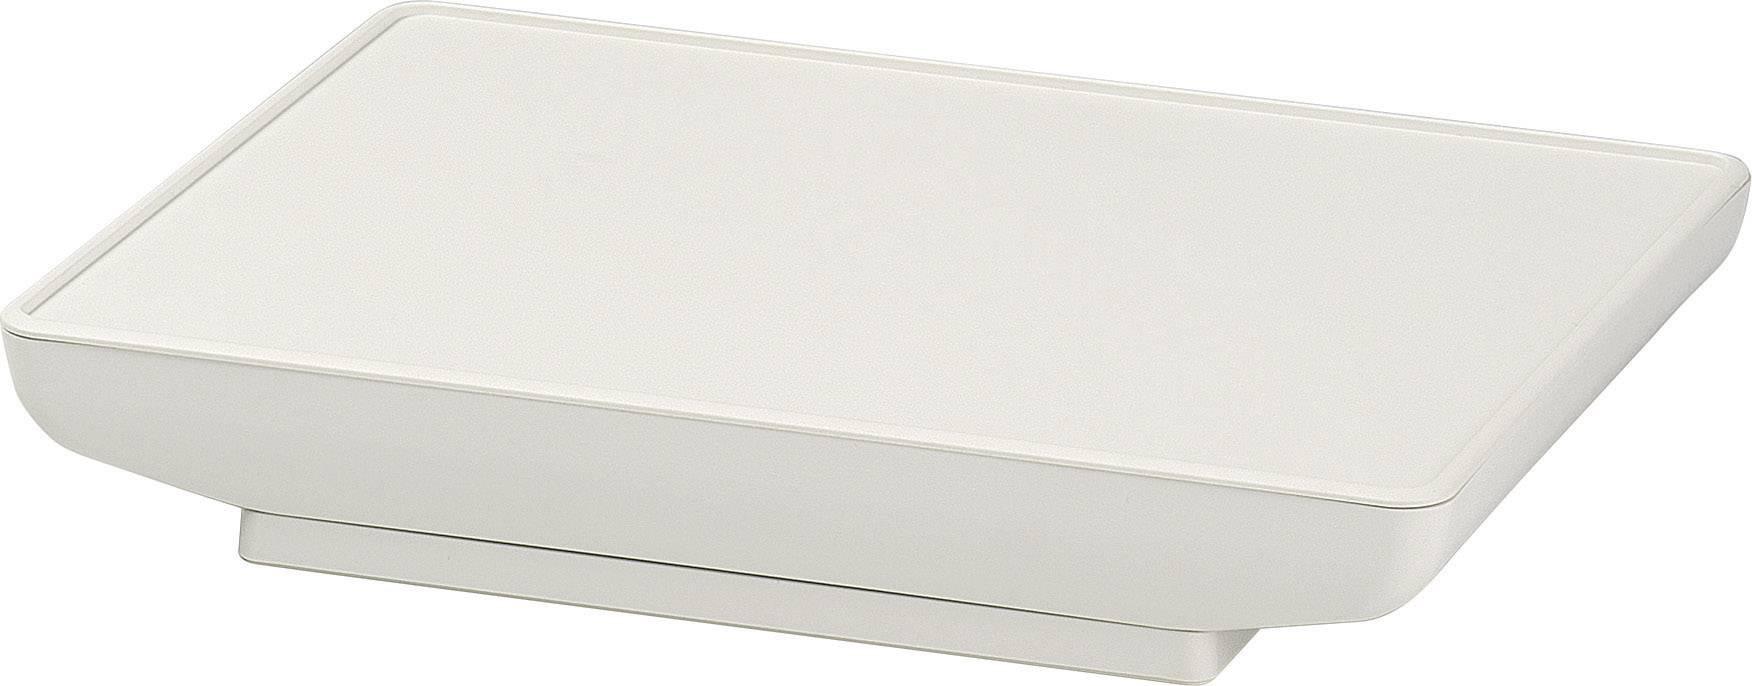 Skrinka na ovládací pult OKW D4044127, 166 x 225 x 37 mm, umelá hmota, sivobiela (RAL 9002), 1 sada